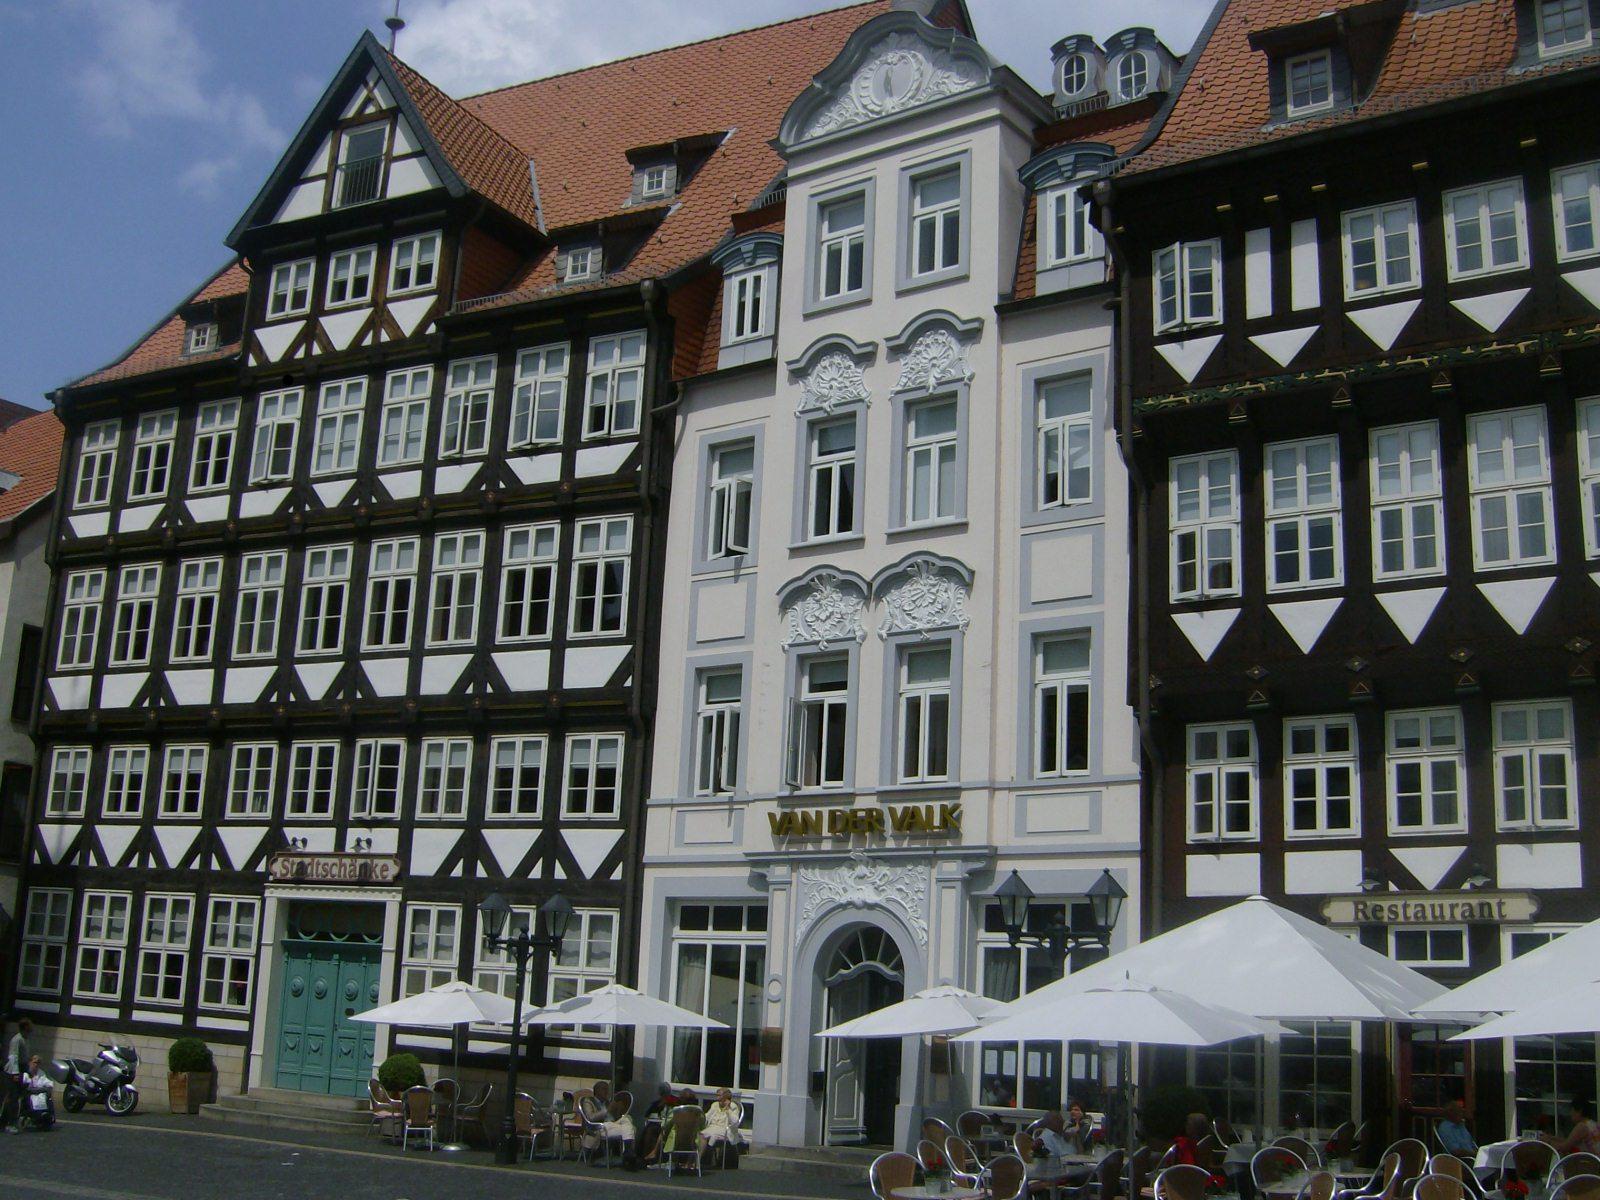 Der Historische Marktplatz in Hildesheim im Juni 2011.